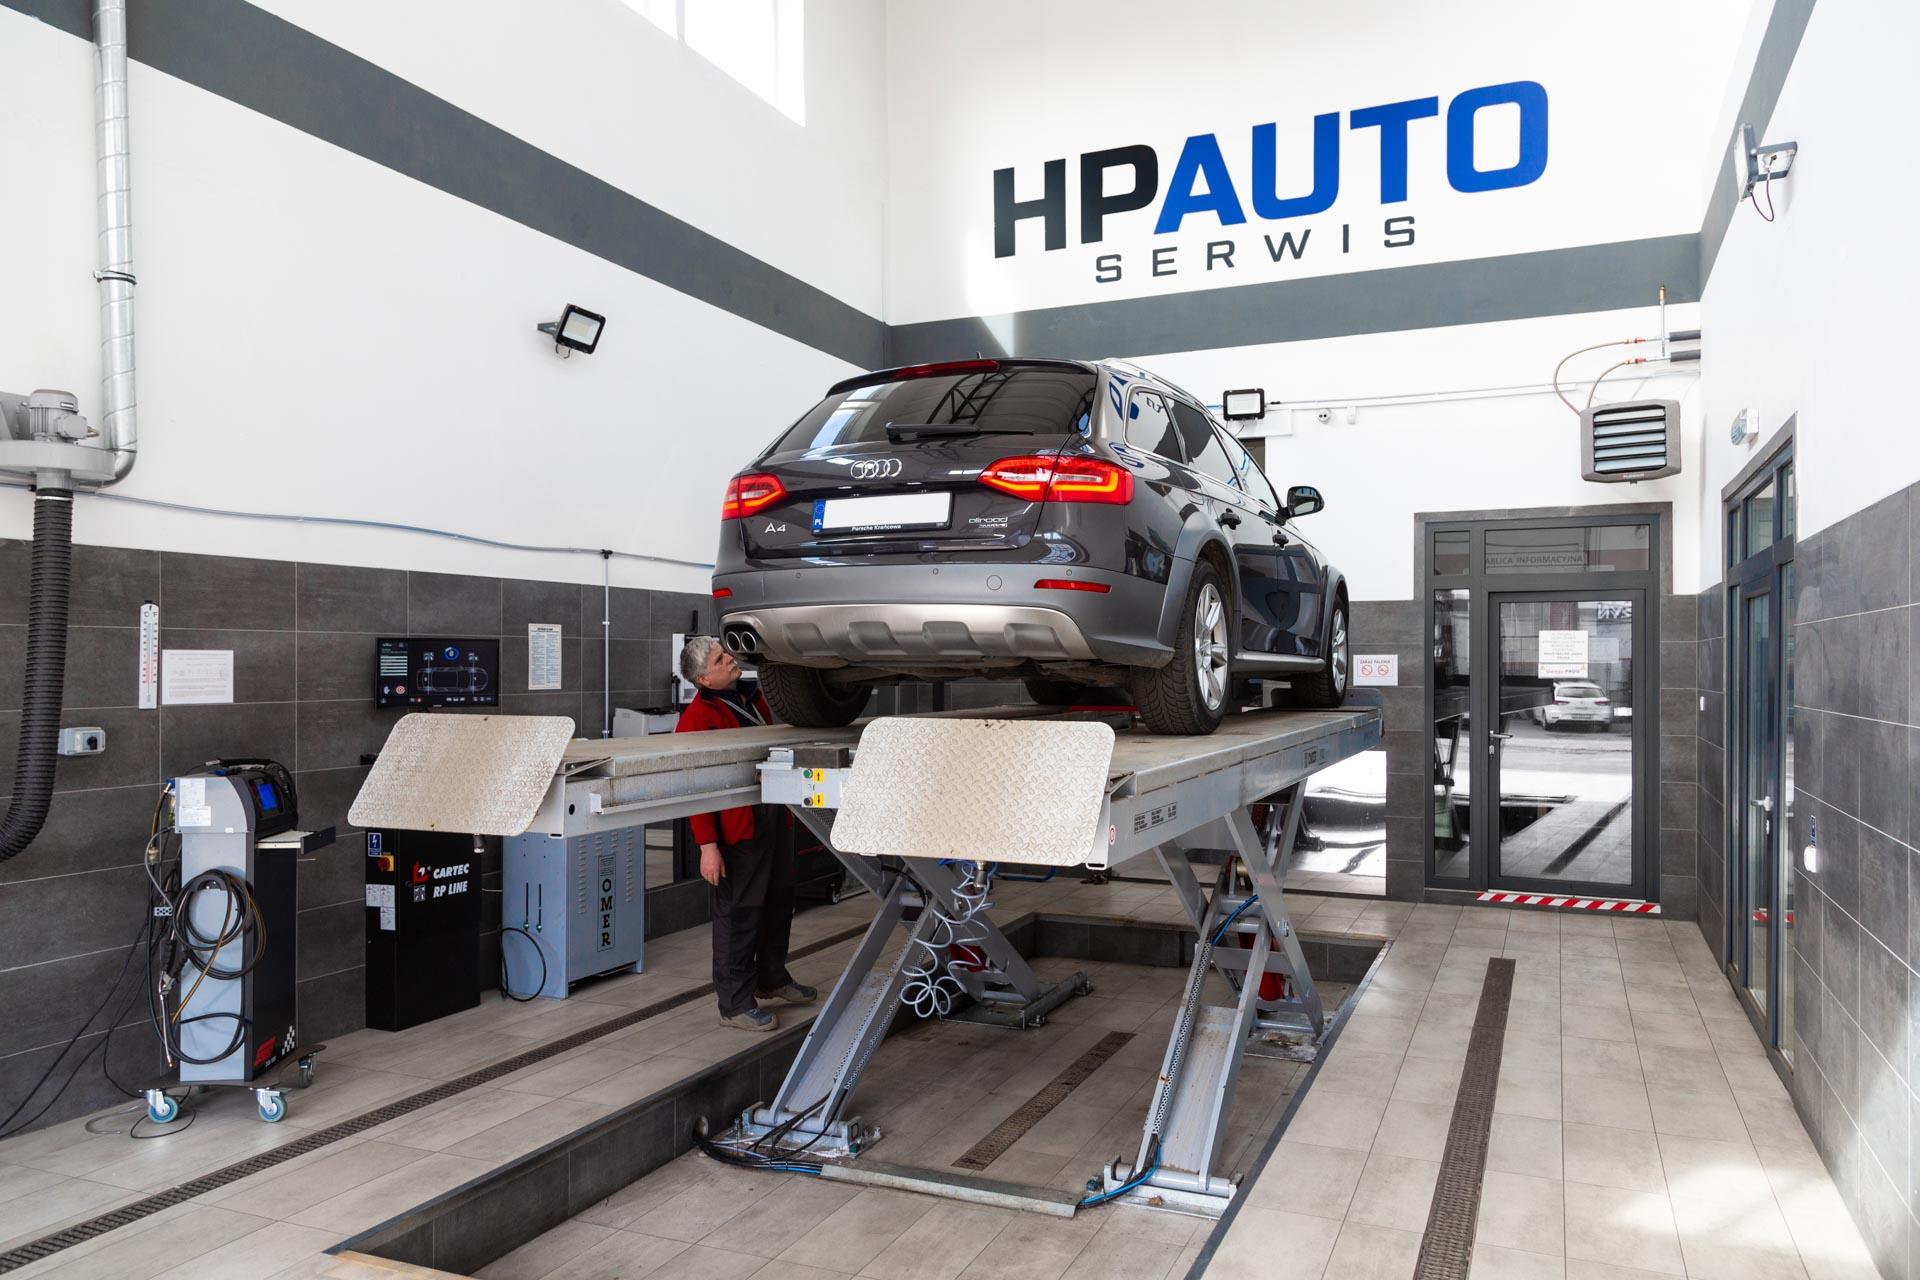 hp auto serwis - stacja kontroli pojazdów szczecin santocka 44